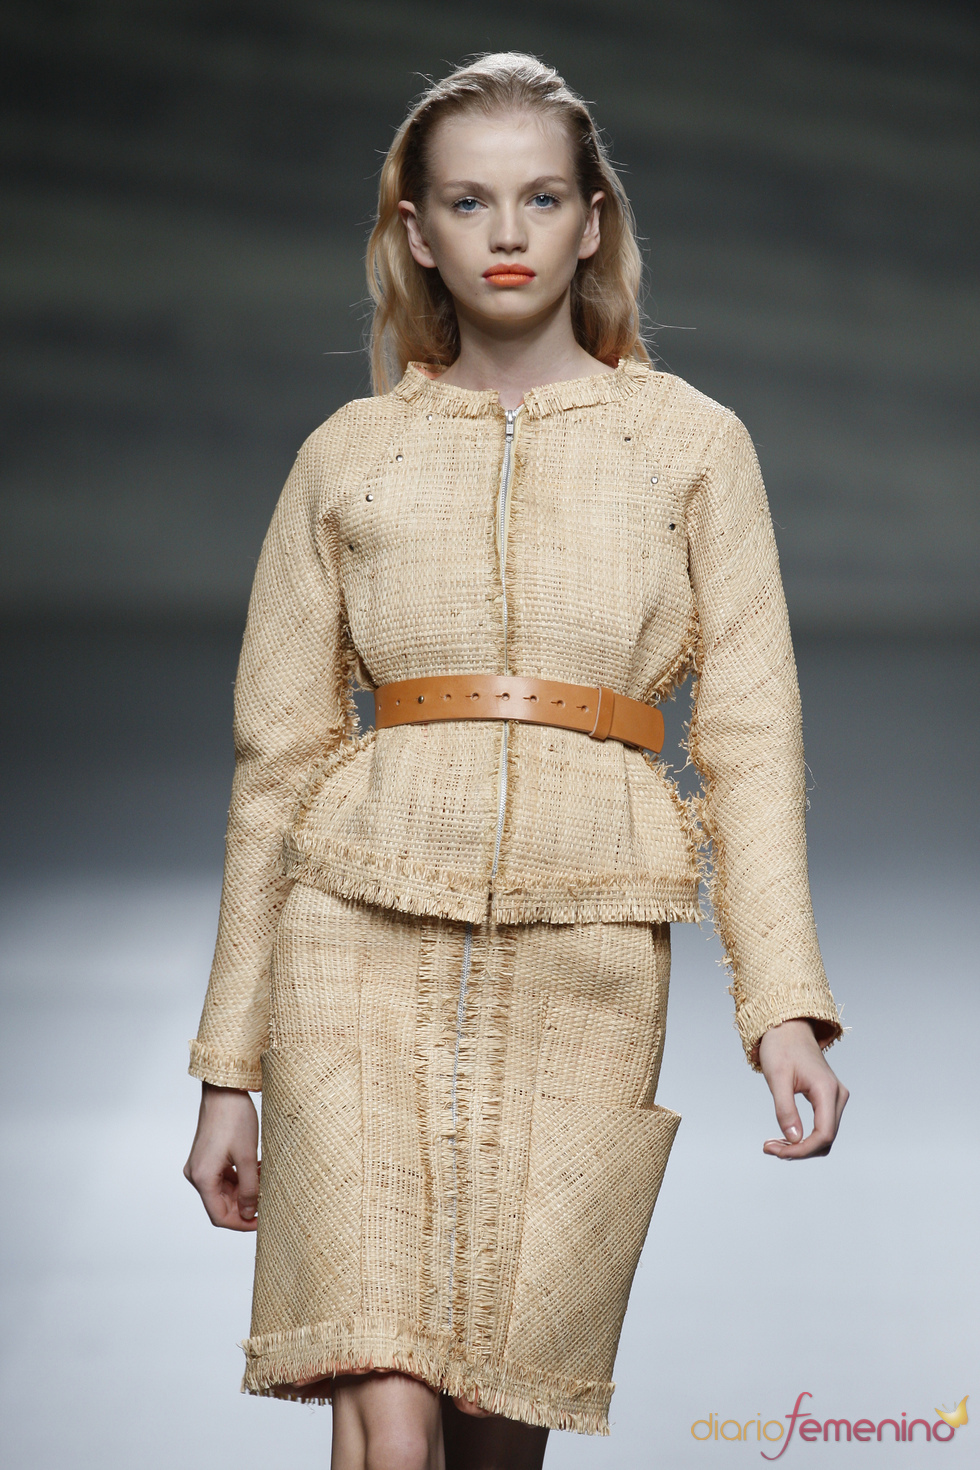 La rafia se convierte en traje de chaqueta para Martin Lamothe en la Madrid Fashion Week